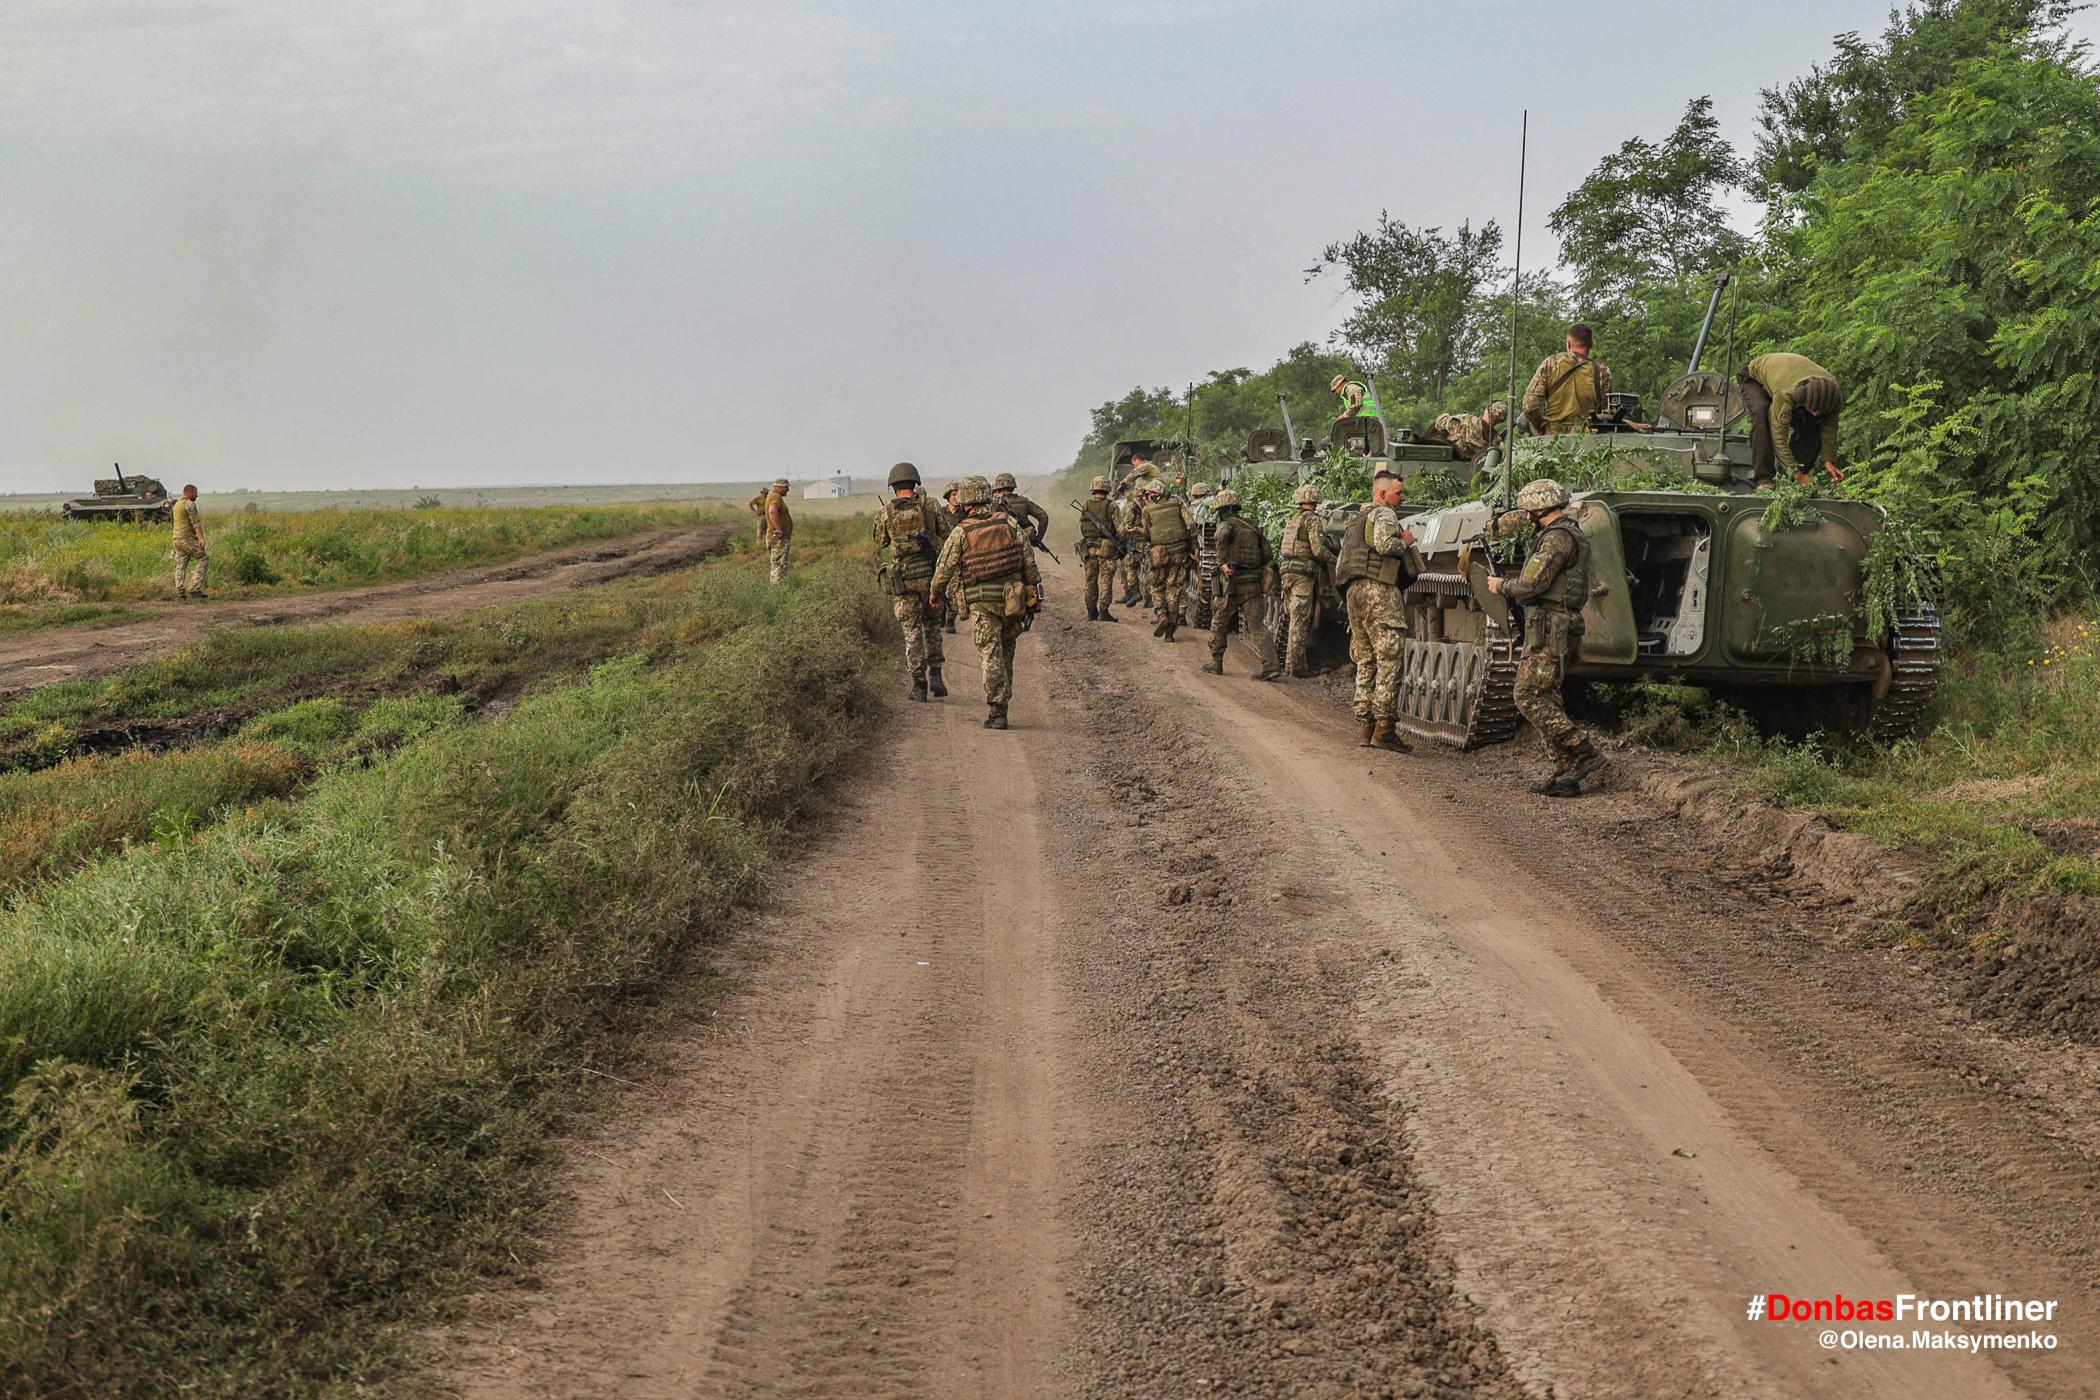 Колона військової техніки після навчань. Бойове тренування 503-го батальйону морської піхоти на Приазов'ї, липень 2021 року